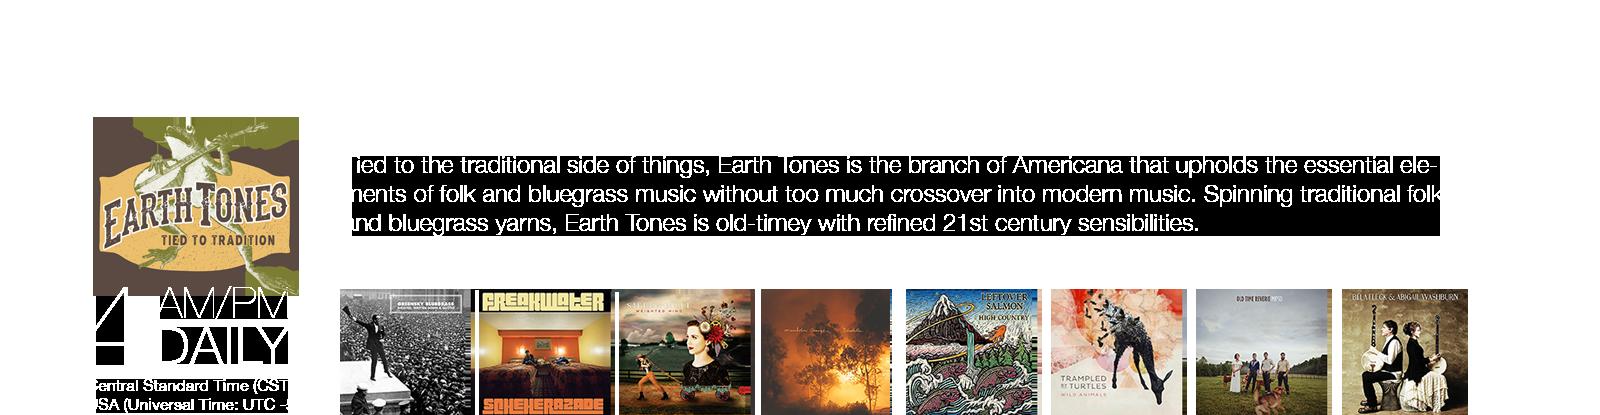 HomePageSlide-EarthTones4